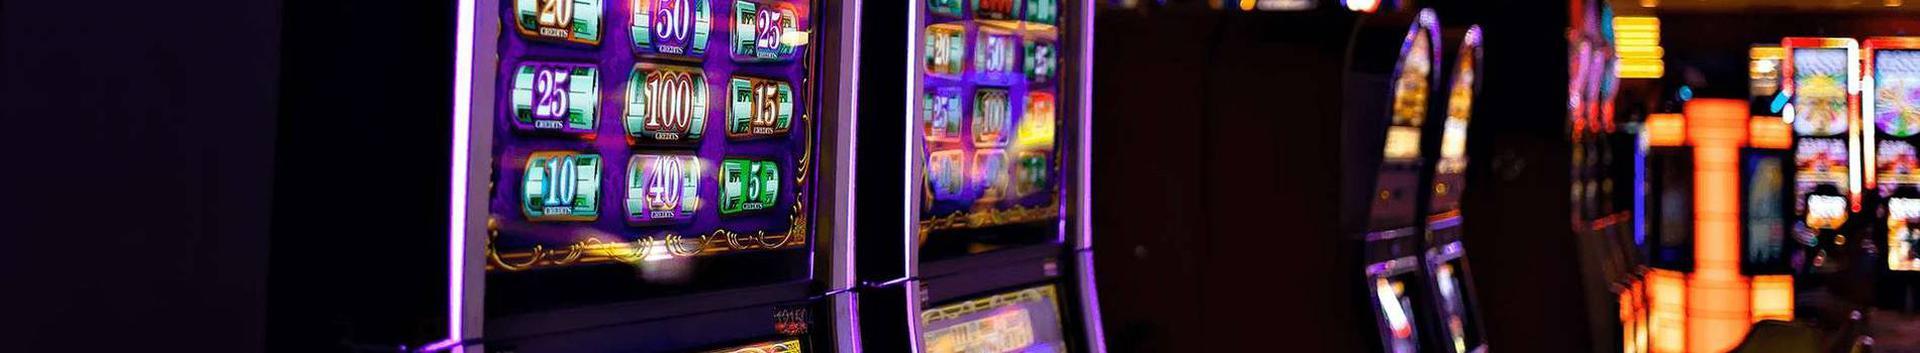 92001_hasartmangude-korraldamine_65768803_xl.jpg